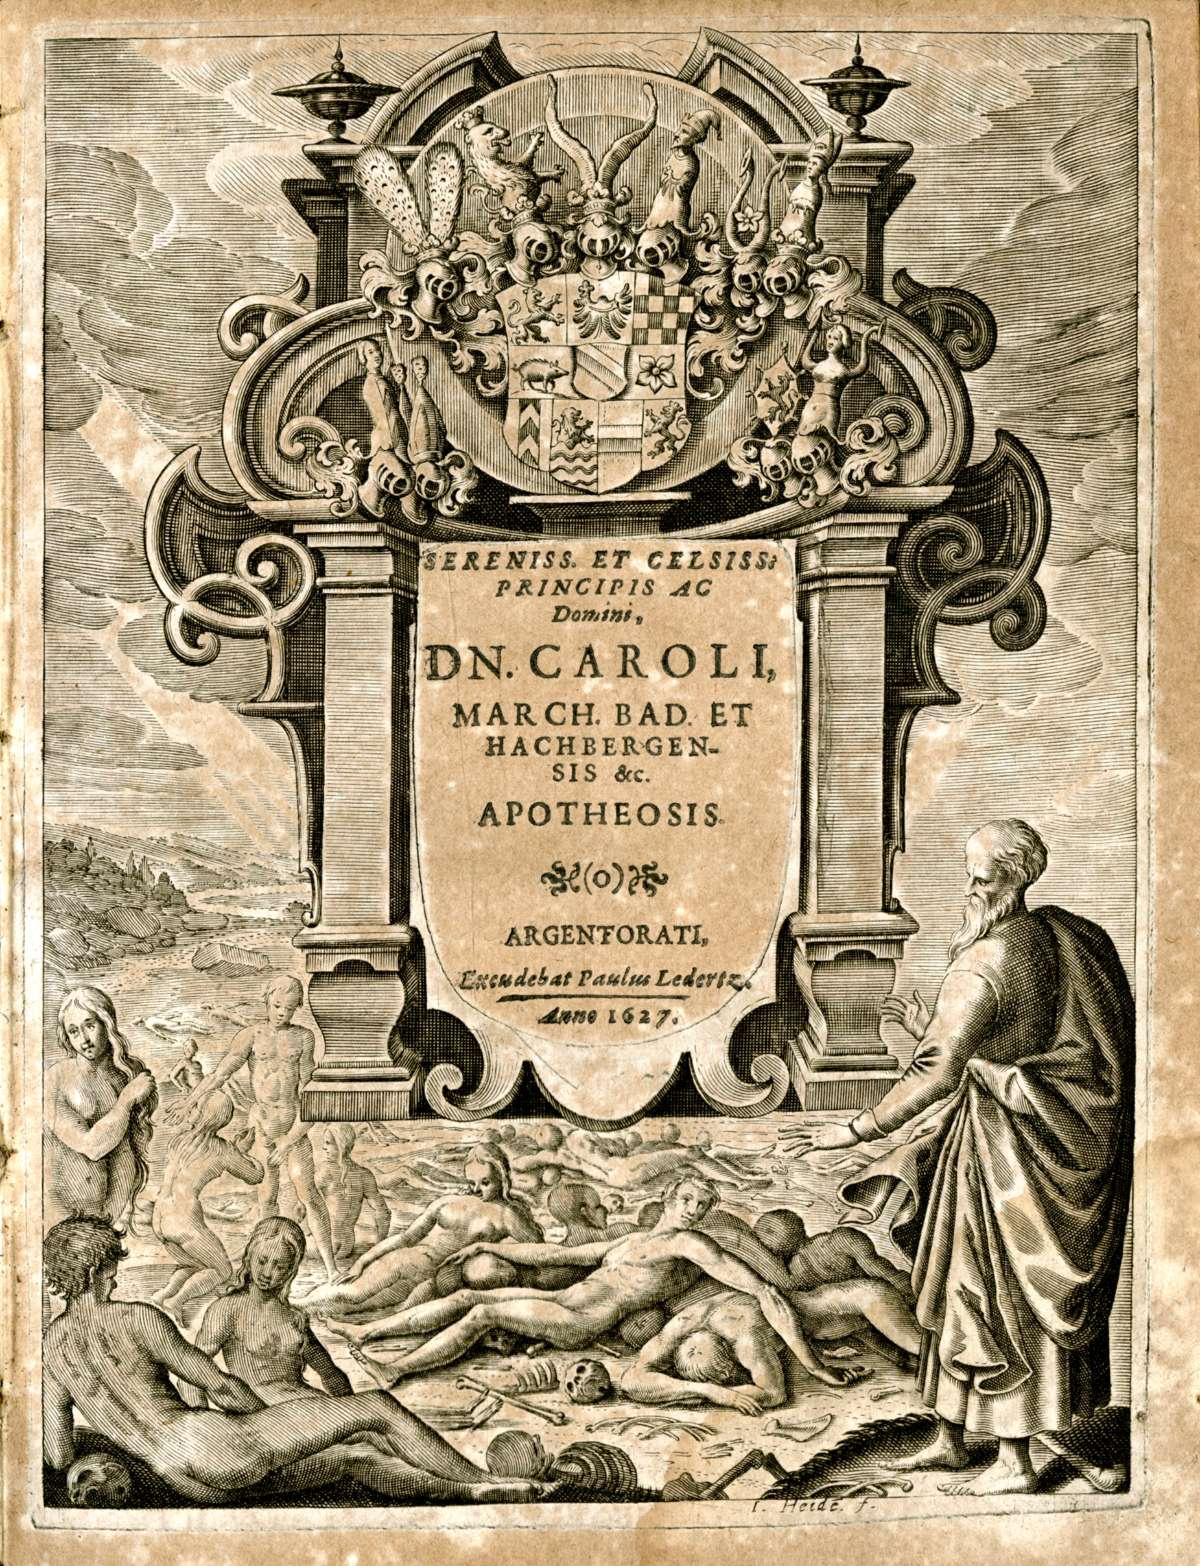 Leichenpredigten für Adlige, Bild 1